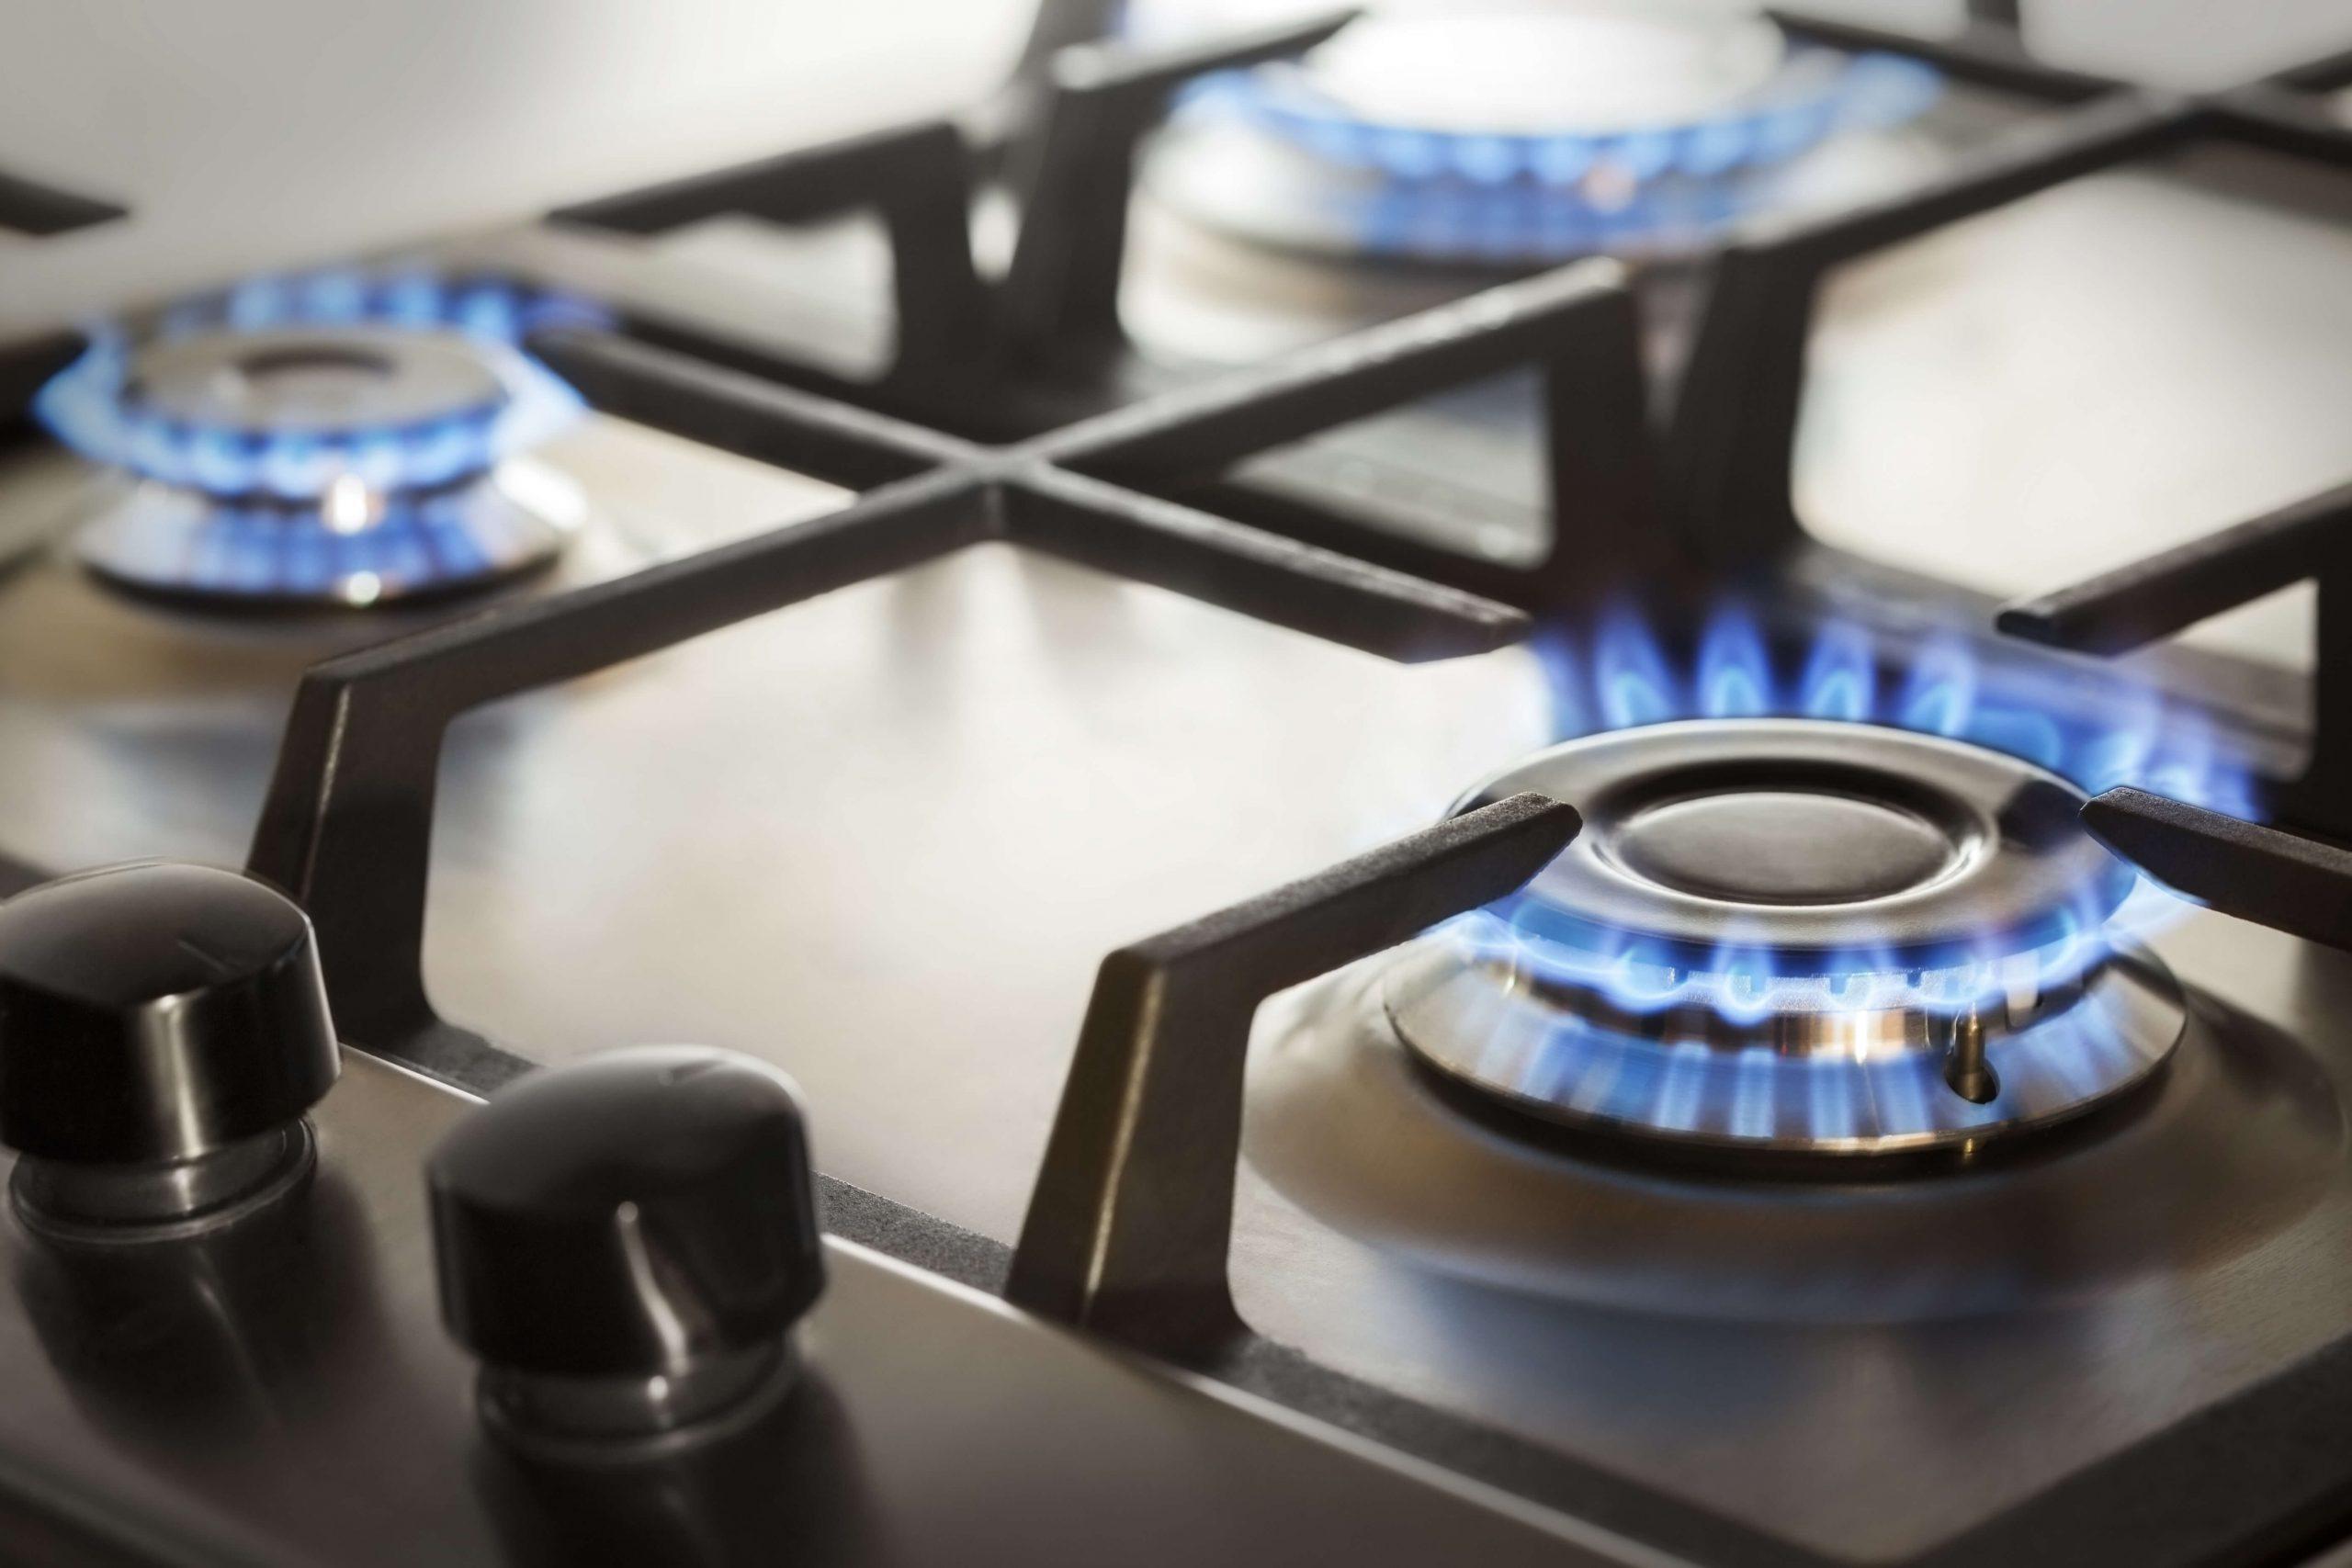 Kuchenka gazowa z włączonym gazem